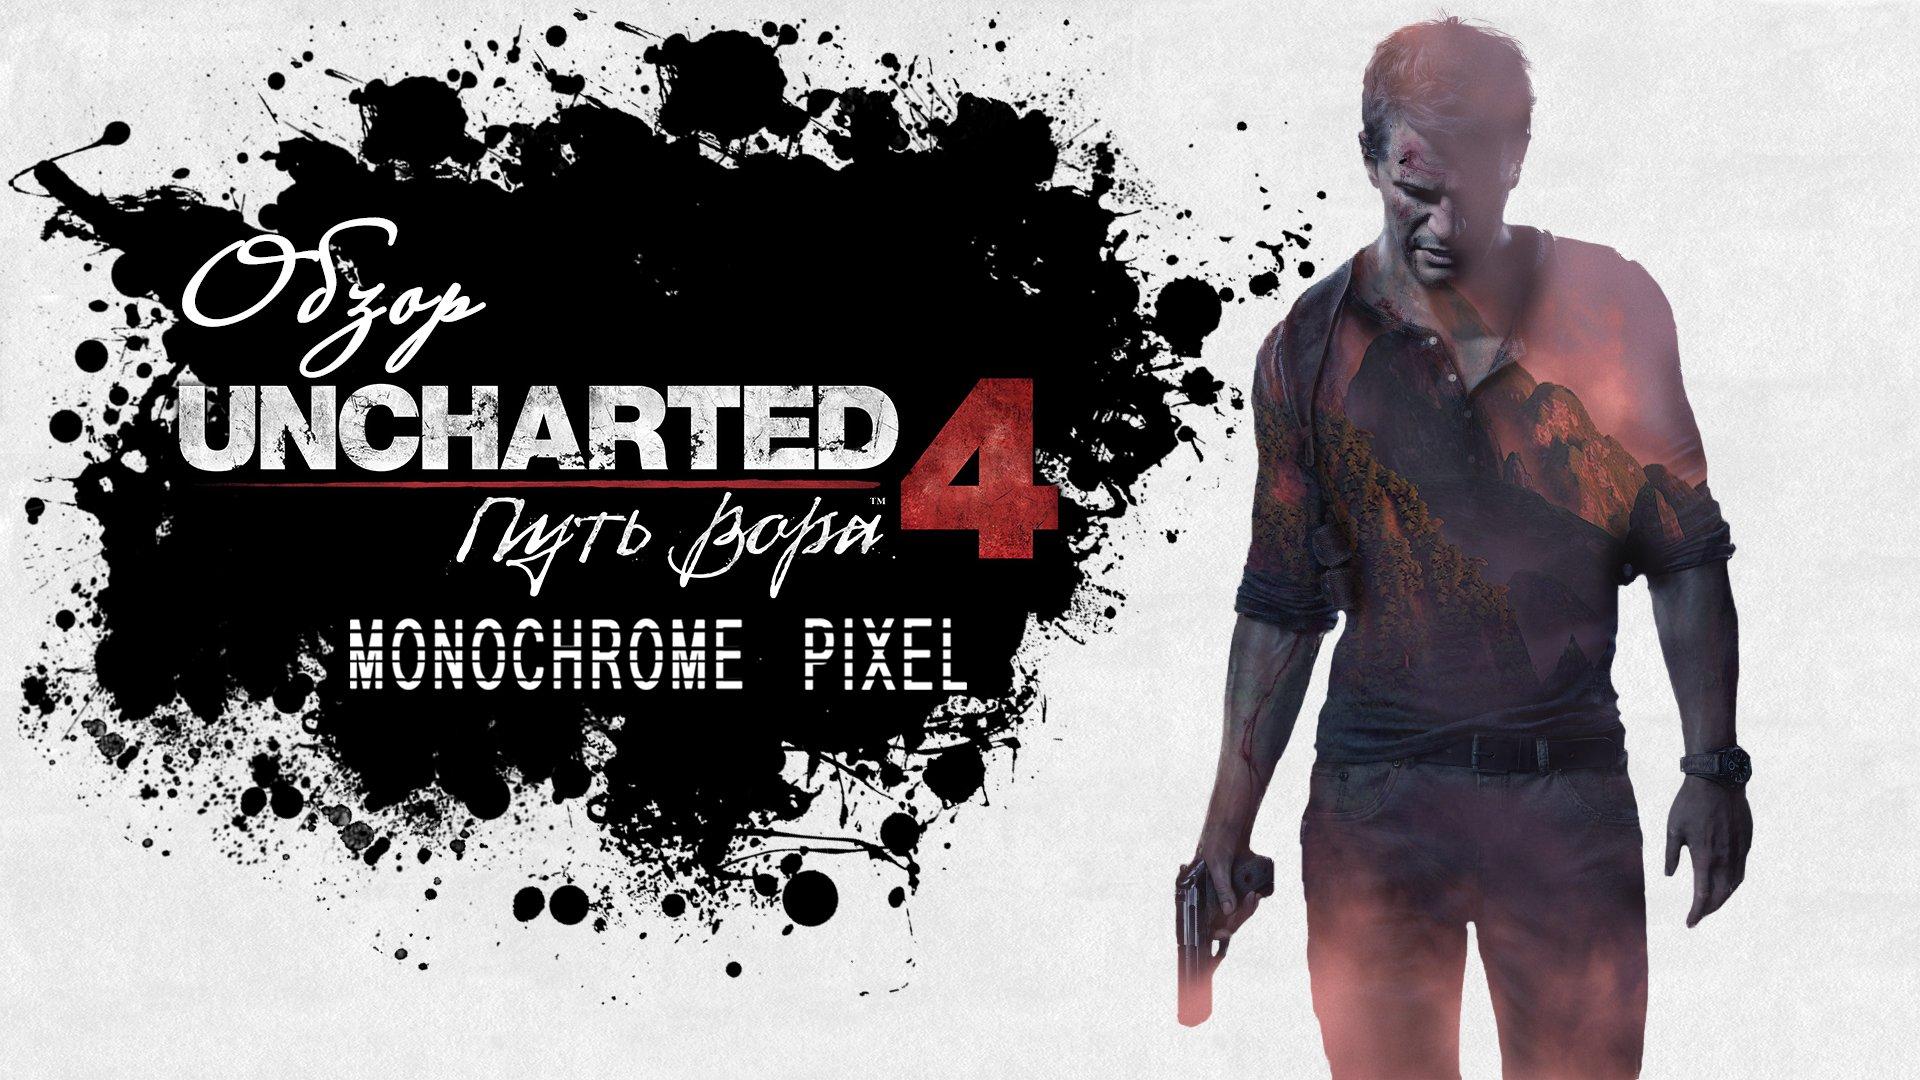 Обзор Uncharted 4: A Thief's End. Великое начинается с малого. - Изображение 1